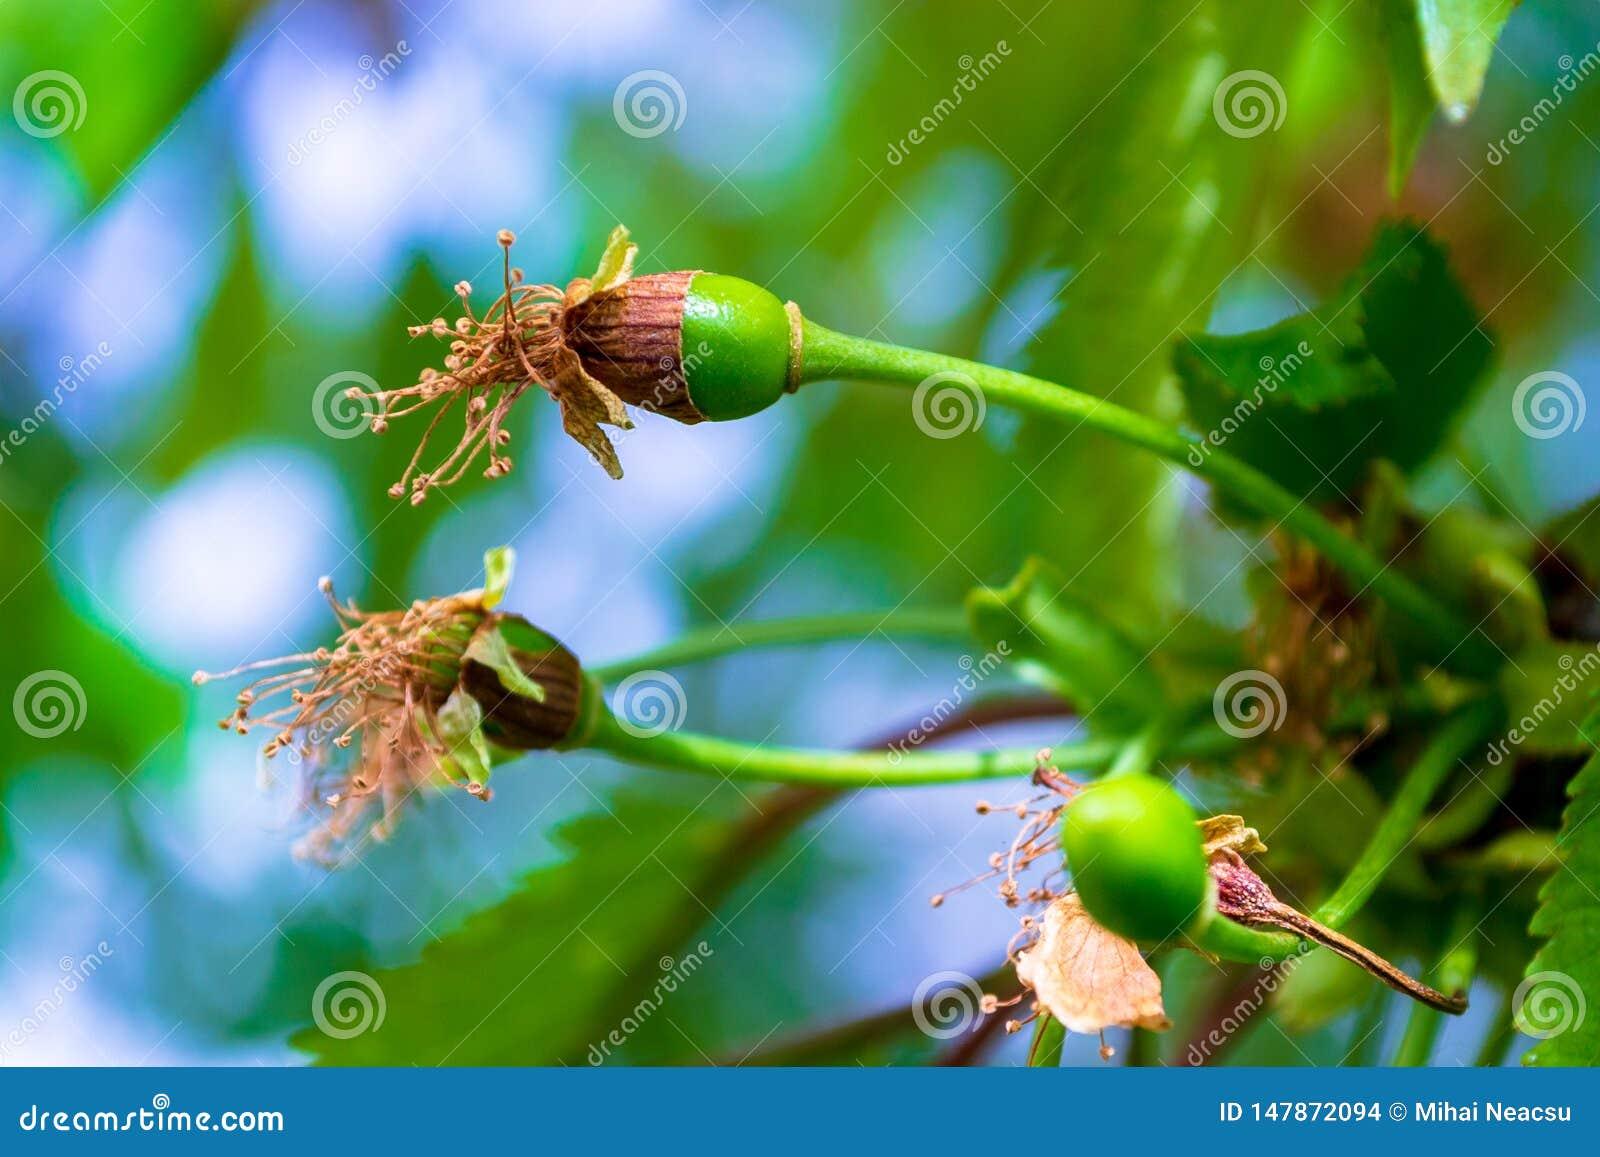 Άγριος στενός επάνω avium Prunus κερασιών πράσινων, νέων φρούτων διαμόρφωσης, με τα καφετιά, ξηρά λουλούδια συνημμένα ακόμα